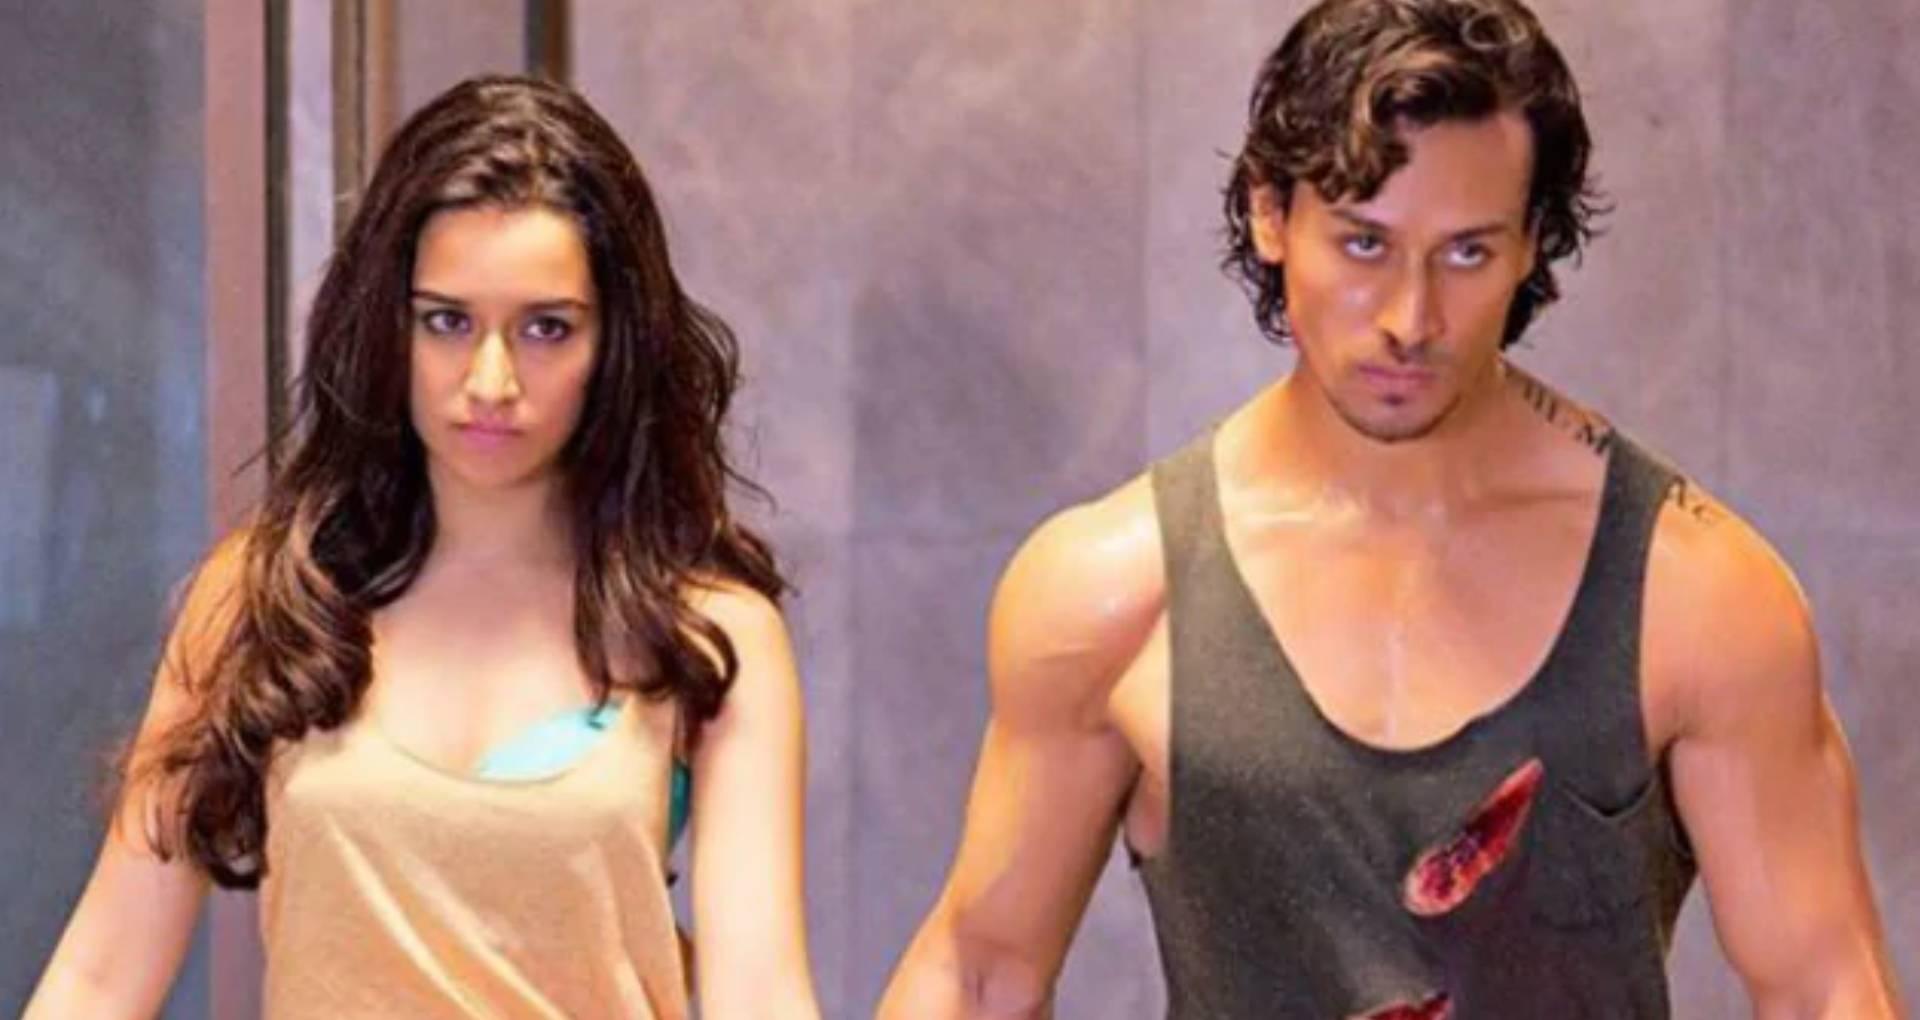 Baaghi 3: आर माधवन की इस तमिल फिल्म की रीमेक होगी बागी 3? रितेश देशमुख भी निभाएंगे ये अहम किरदार